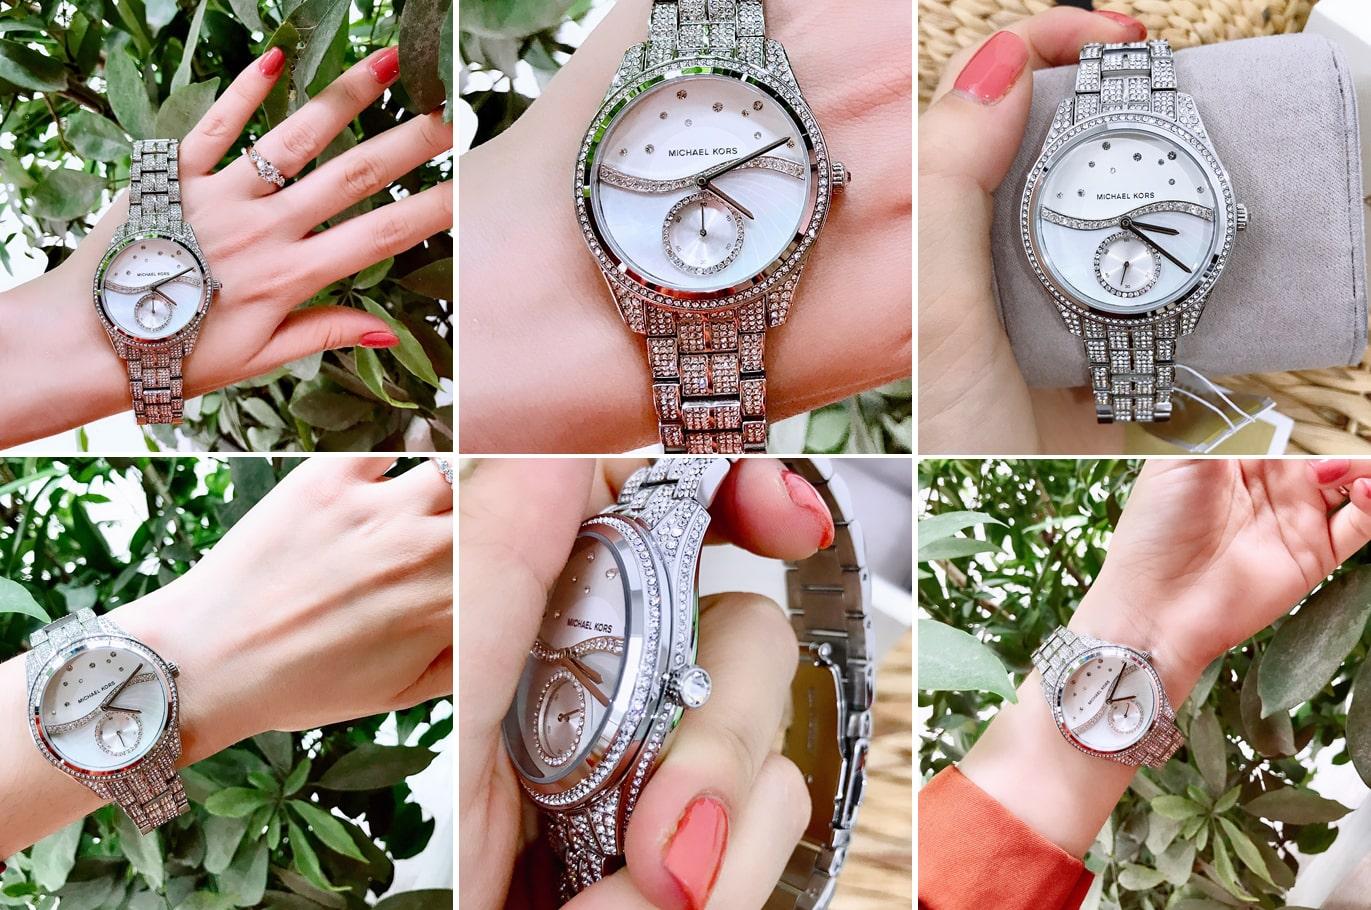 Hinh anh thuc te dong ho Michael Kors Lauryn Celestial Pavé Watch 38mm MK3755 ms 167800